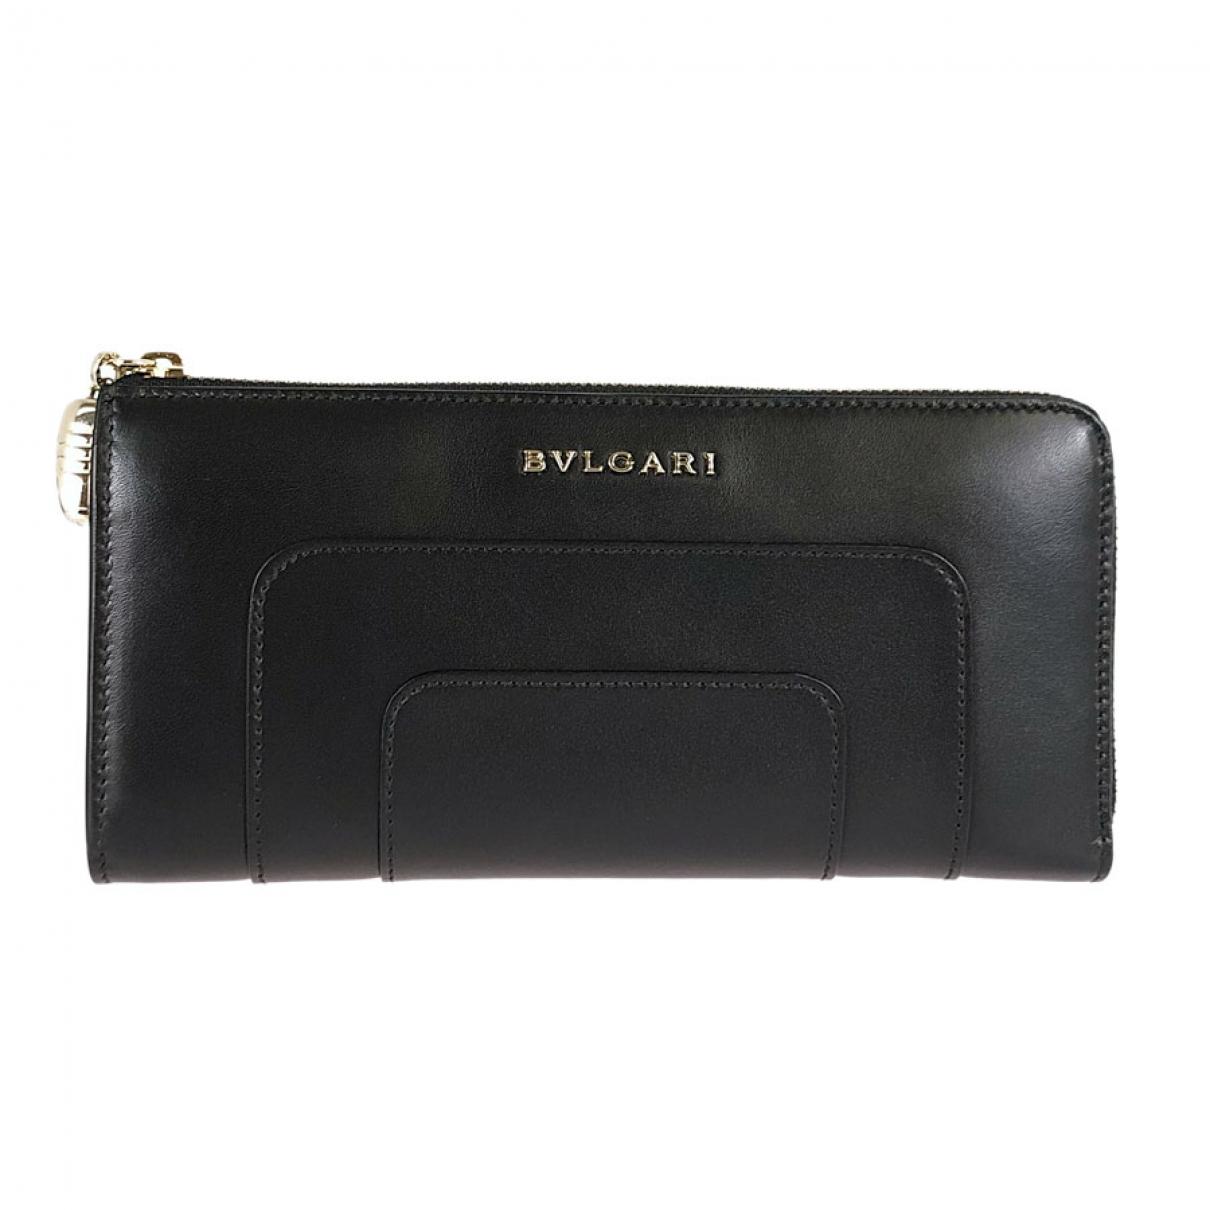 Bvlgari - Portefeuille   pour femme en cuir - noir